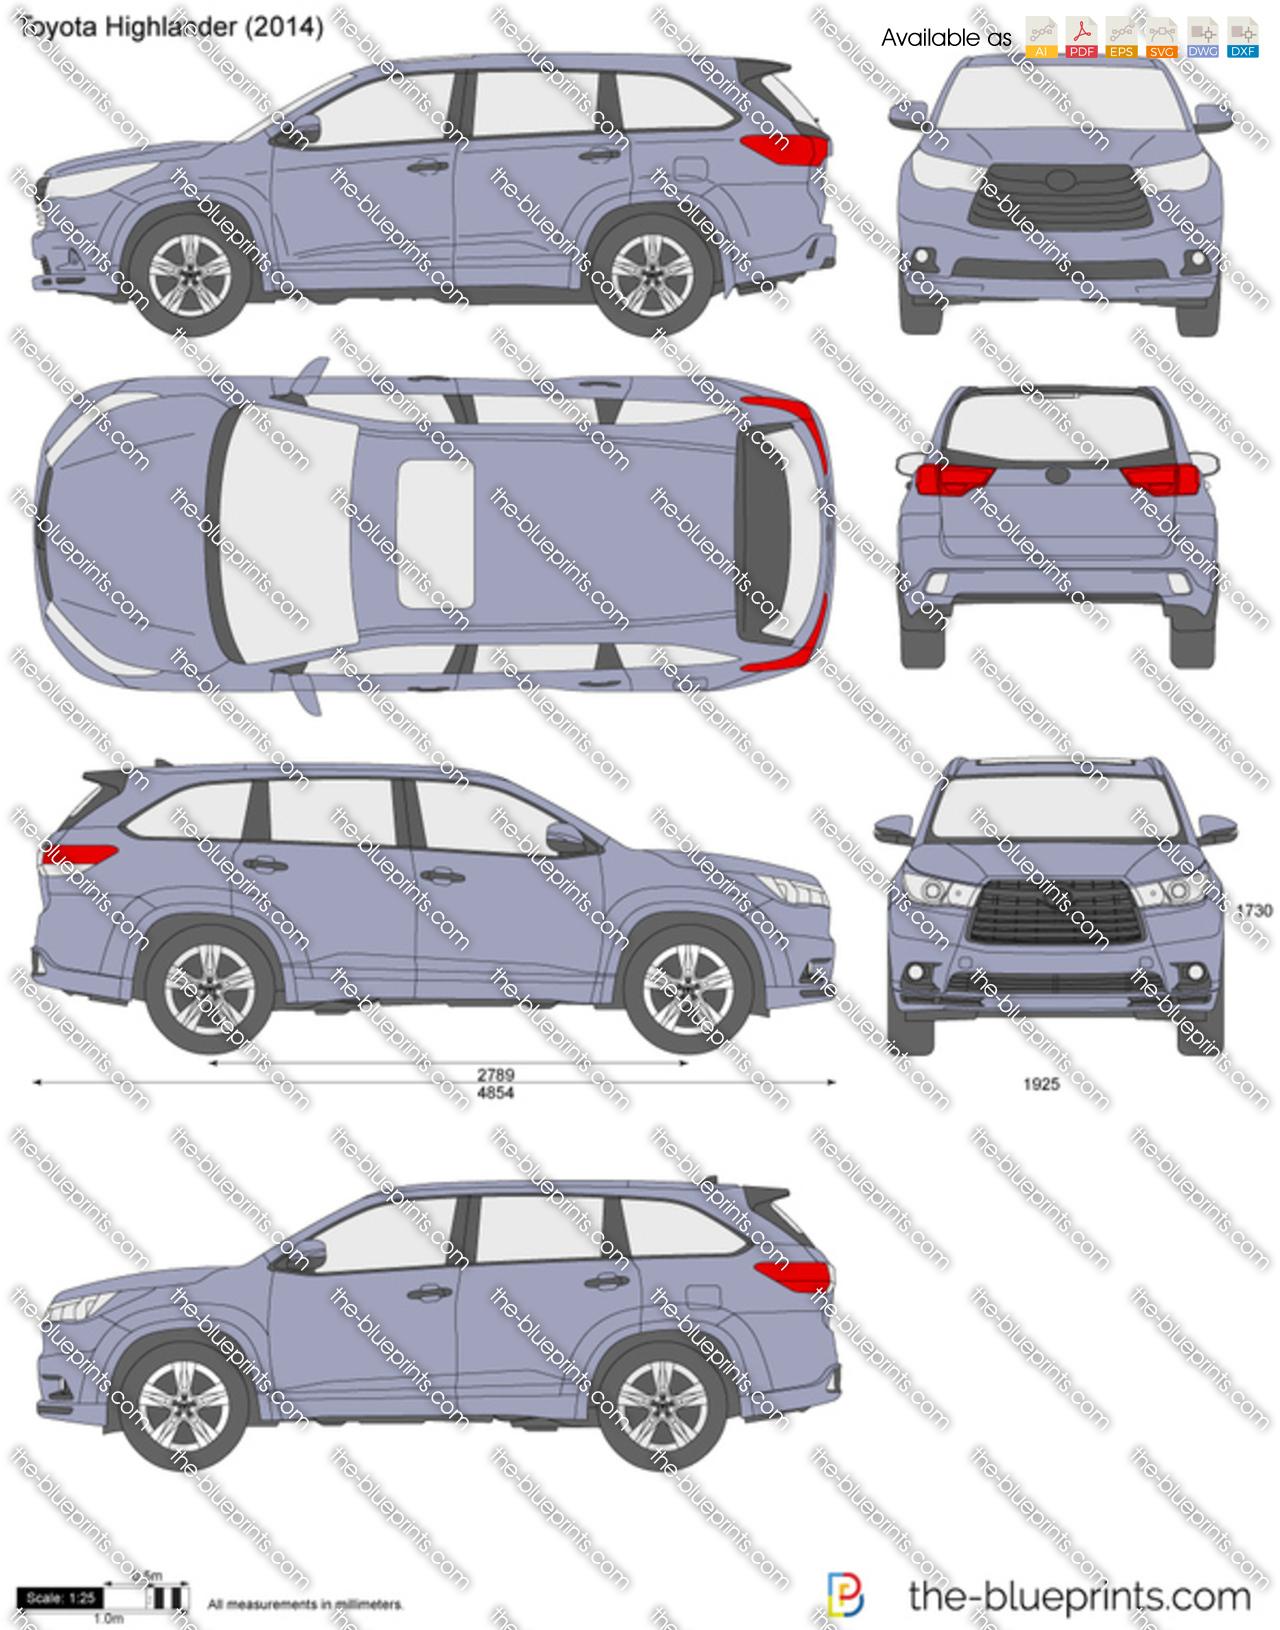 2016 Toyota Highlander For Sale >> Toyota Highlander vector drawing